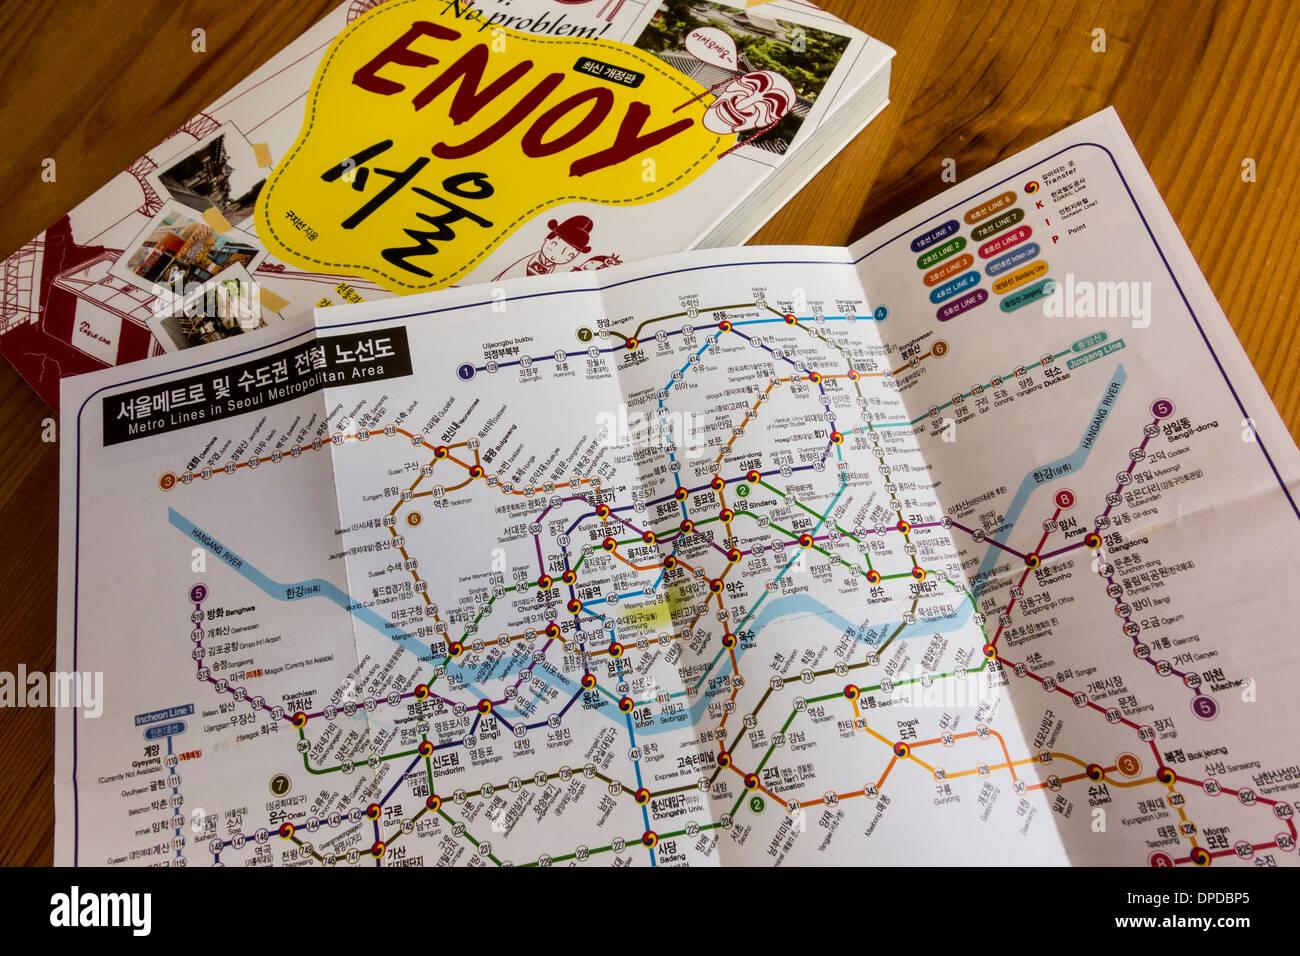 Seoul Metropolitan Subway Map Download.Seoul Metro Subway Map Written In Korean And Seoul Guide Book